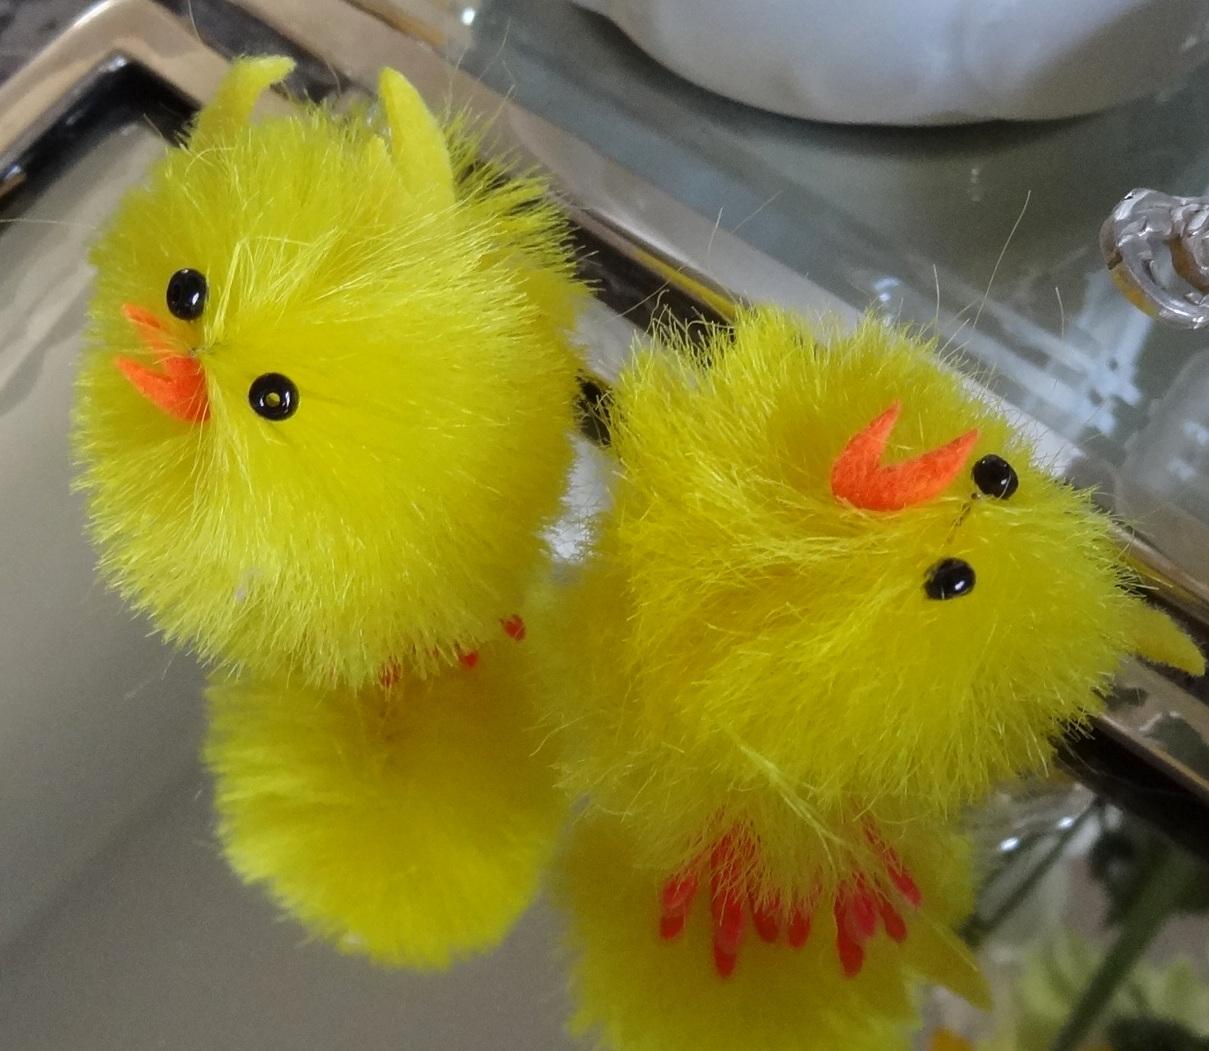 http://3.bp.blogspot.com/-JoXoeA85tdA/T1Q-Emy5ejI/AAAAAAAABRQ/q0HqckNPYg0/s1600/blog+yellow+white+tea+2.jpg